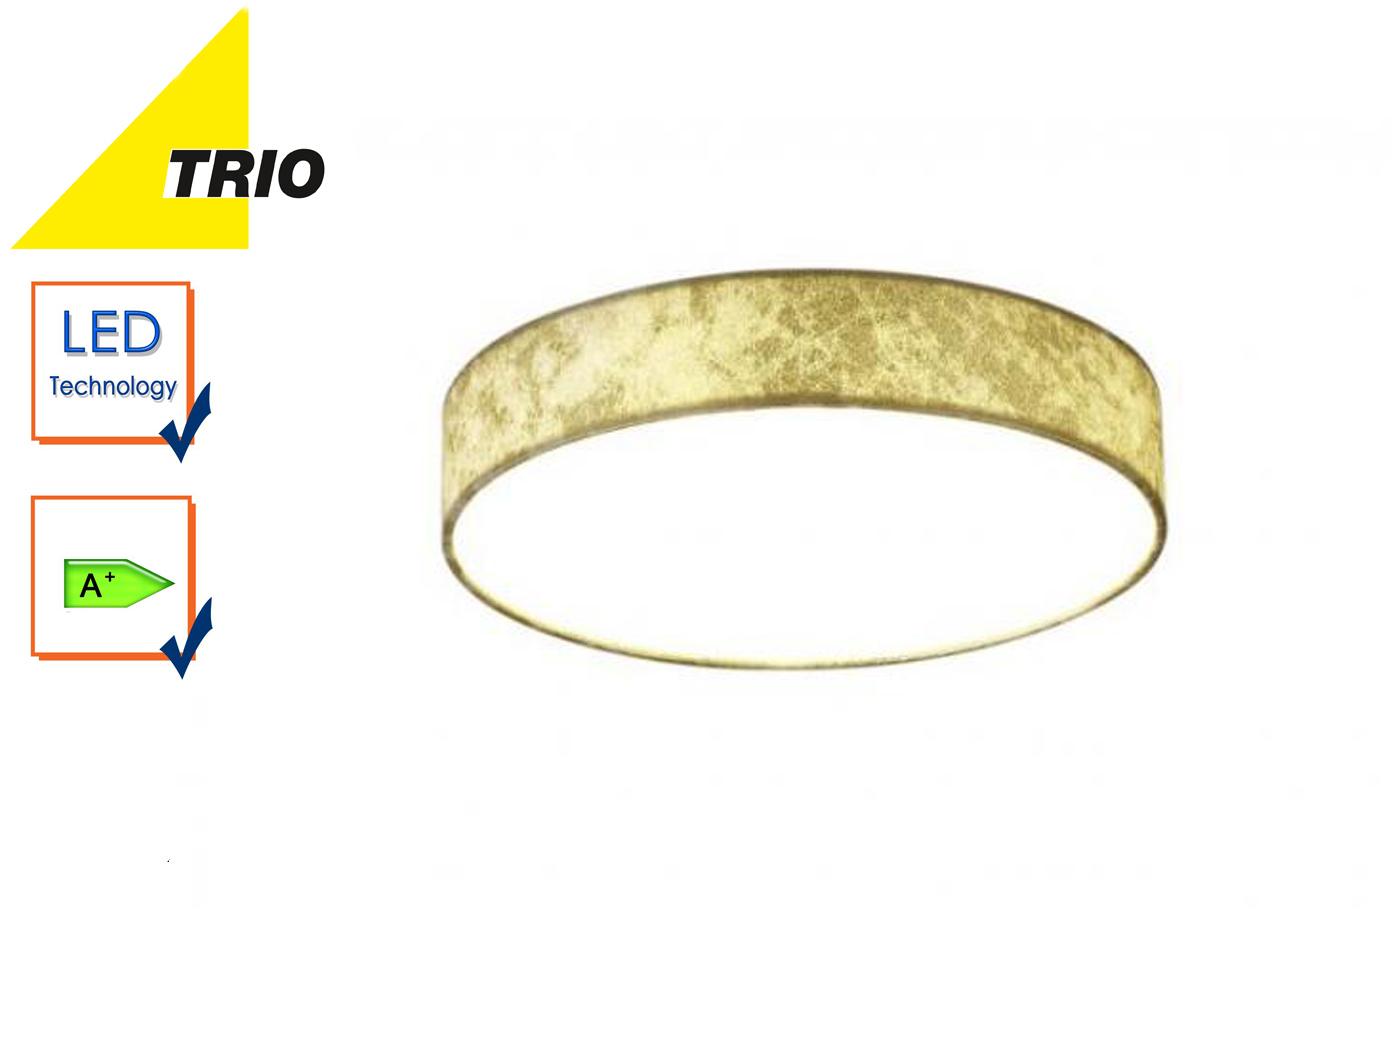 Trio LED Deckenleuchte LUGANO 30cm Stoff goldfarben, Wohnzimmerlampe Flurlampe